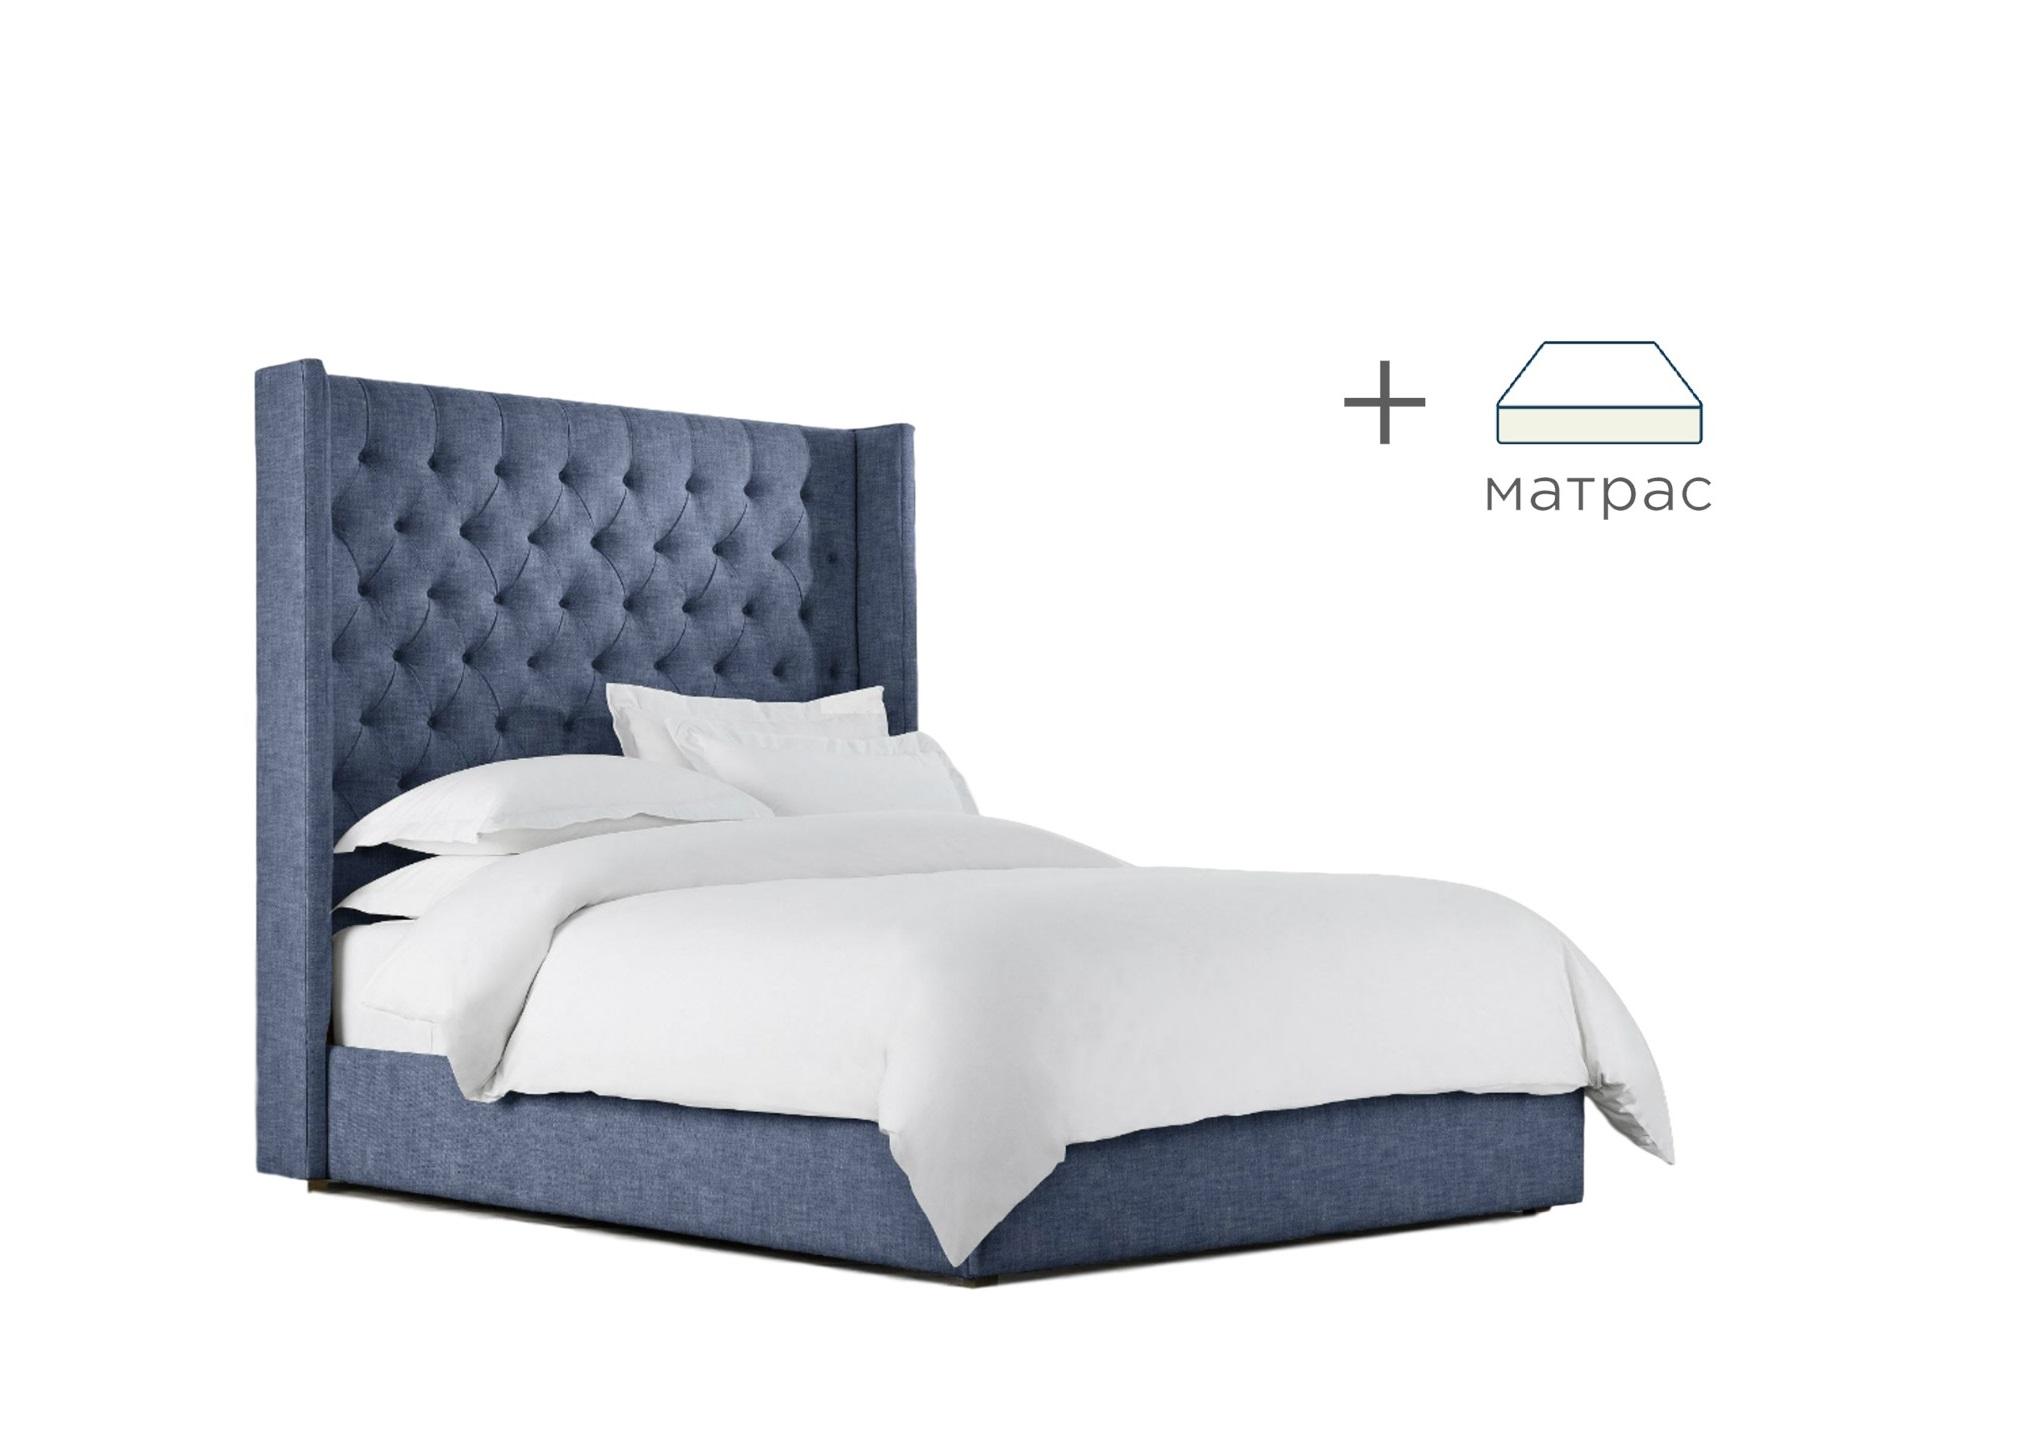 Кровать Tall Maker с матрасомКровати + матрасы<br>&amp;lt;div&amp;gt;Выгодная скидка при покупке комплекта!&amp;lt;/div&amp;gt;&amp;lt;div&amp;gt;Кровать с ортопедическим матрасом &amp;quot;Ascona Terapia Quadra&amp;quot;.&amp;lt;/div&amp;gt;&amp;lt;div&amp;gt;&amp;lt;br&amp;gt;&amp;lt;/div&amp;gt;&amp;lt;div&amp;gt;Характеристики кровати:&amp;lt;/div&amp;gt;&amp;lt;div&amp;gt;Размер спального места: 160*200&amp;lt;/div&amp;gt;&amp;lt;div&amp;gt;Материалы: бук, текстиль&amp;lt;/div&amp;gt;&amp;lt;div&amp;gt;Варианты исполнения: более 200 цветов&amp;lt;/div&amp;gt;&amp;lt;div&amp;gt;&amp;lt;br&amp;gt;&amp;lt;/div&amp;gt;&amp;lt;div&amp;gt;Характеристики матраса:&amp;lt;/div&amp;gt;&amp;lt;div&amp;gt;Комфортный трикотаж с антибактериальной пропиткой с ионами Ag+.&amp;lt;/div&amp;gt;&amp;lt;div&amp;gt;Латекс.&amp;lt;/div&amp;gt;&amp;lt;div&amp;gt;Кокосовая плита.&amp;lt;/div&amp;gt;&amp;lt;div&amp;gt;5-ти зональный блок независимых пружин «Песочные часы Extra».&amp;lt;/div&amp;gt;&amp;lt;div&amp;gt;Короб по периметру из пены Orto Foam.&amp;lt;/div&amp;gt;&amp;lt;div&amp;gt;Максимальная нагрузка: до 140 кг&amp;lt;/div&amp;gt;&amp;lt;div&amp;gt;Высота: 25 см.&amp;lt;/div&amp;gt;<br><br>Material: Текстиль<br>Width см: 182<br>Depth см: 233<br>Height см: 172